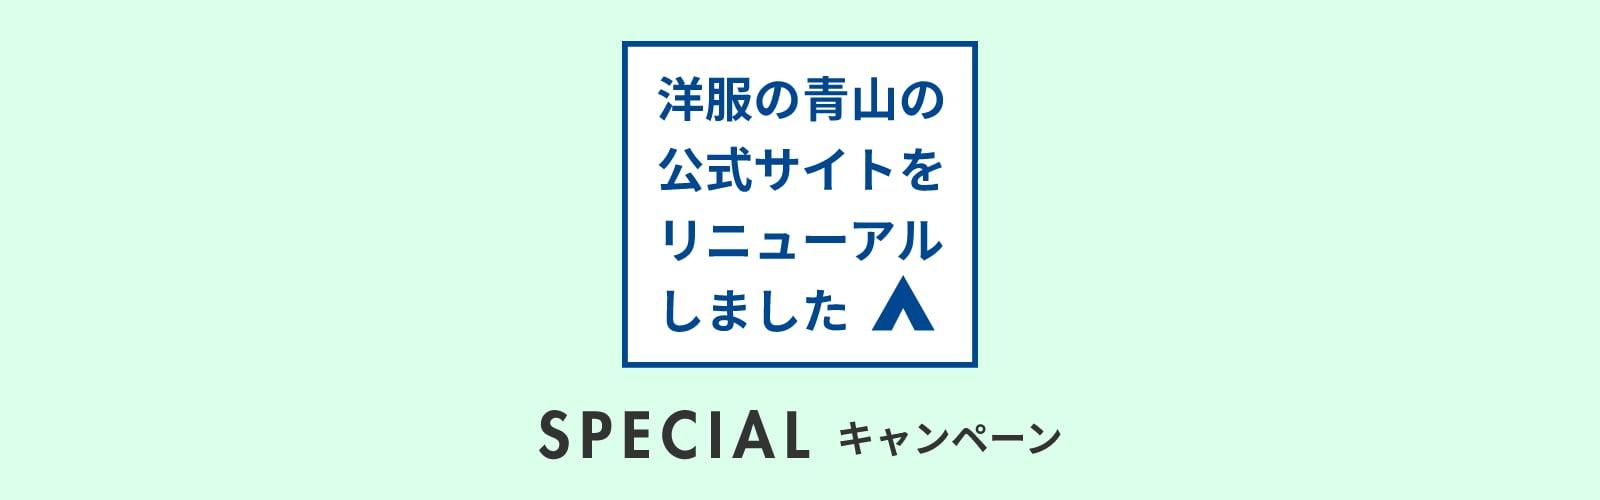 サイトリニューアルCP(2nd)